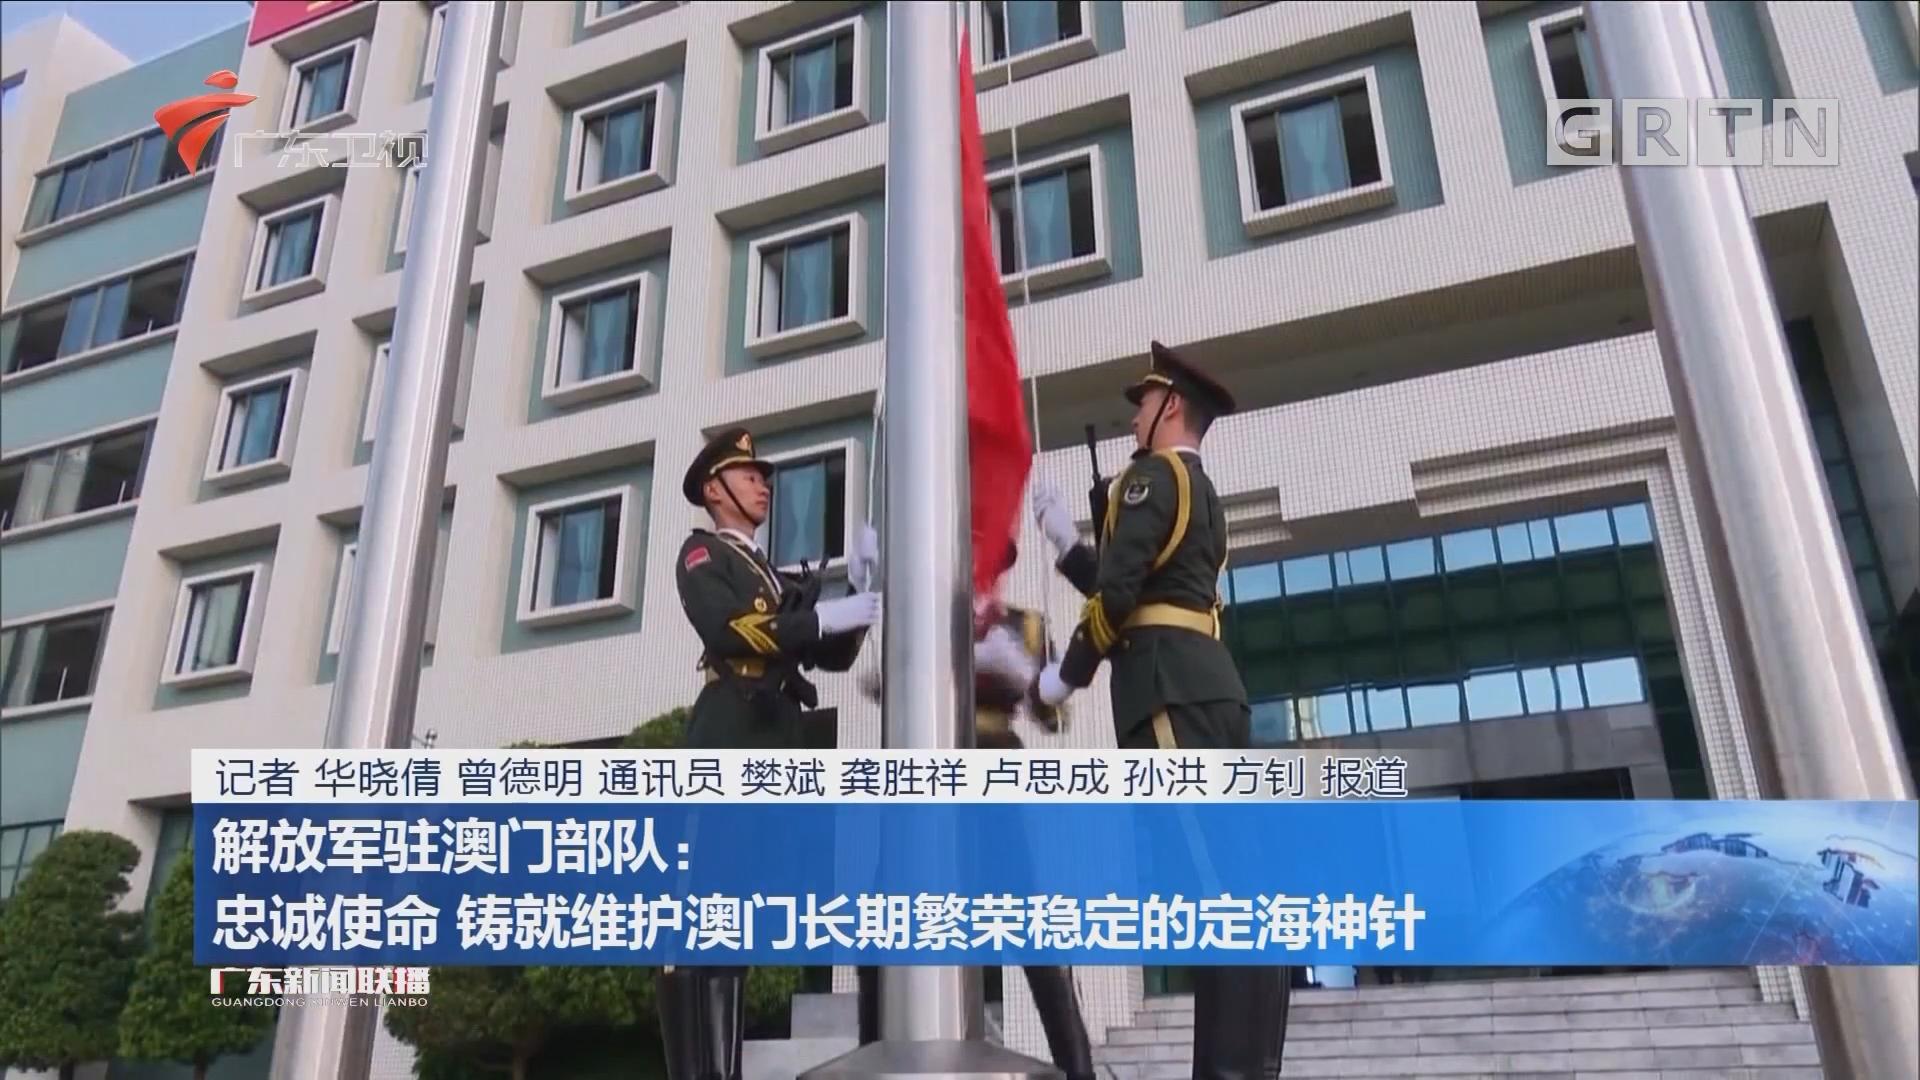 解放军驻澳门部队:忠诚使命 铸就维护澳门长期繁荣稳定的定海神针